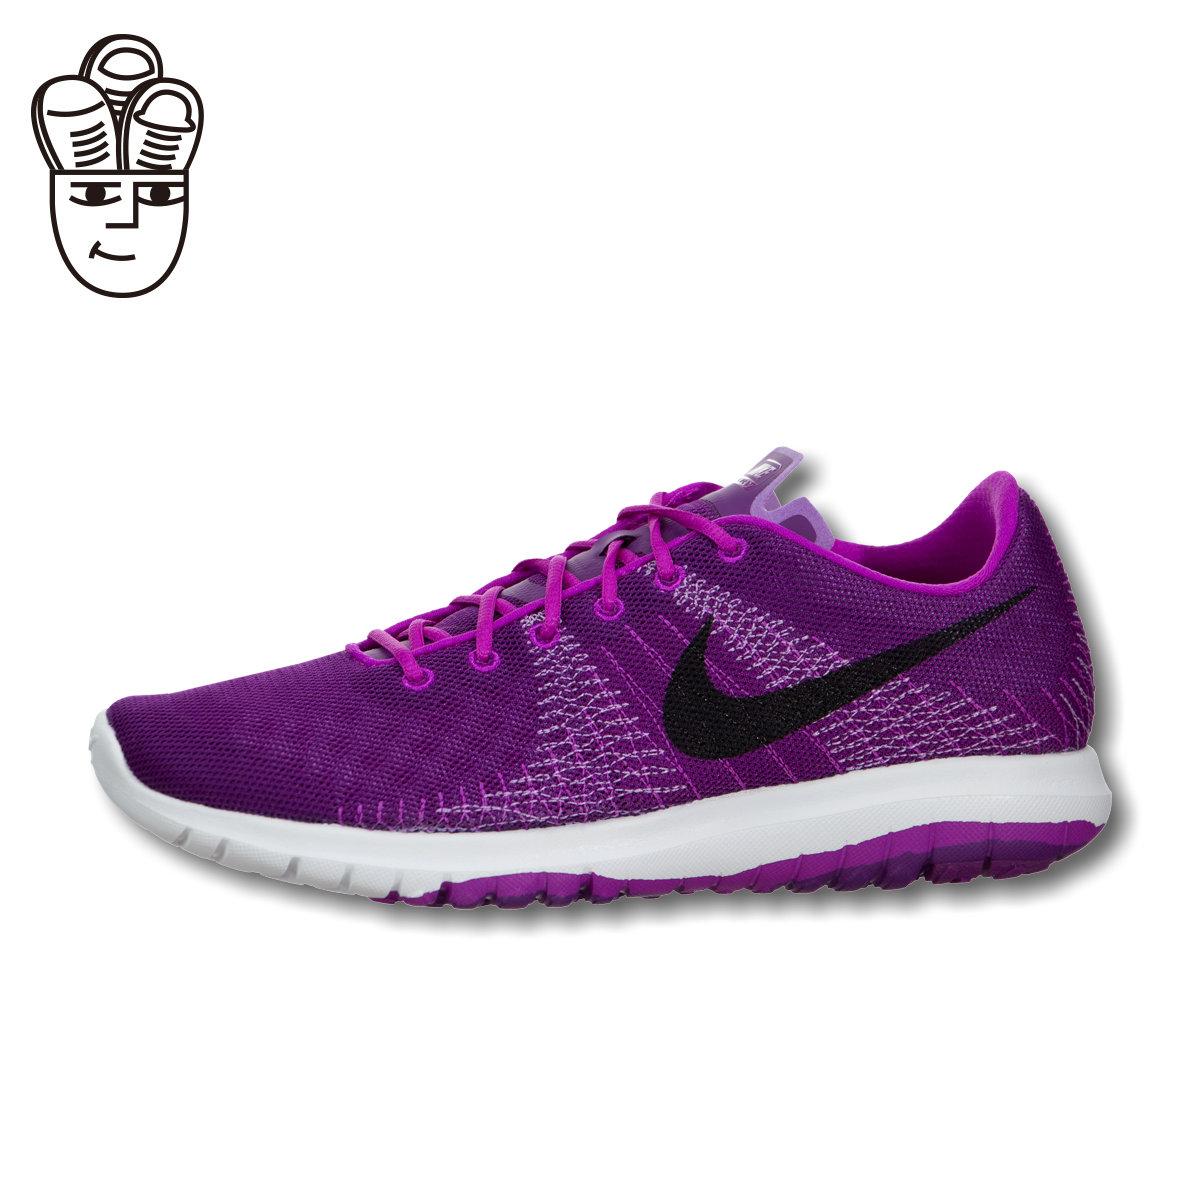 Nike/耐克男士钉鞋超轻田径短跑跳高跑步鞋网面透气低帮系带潮鞋